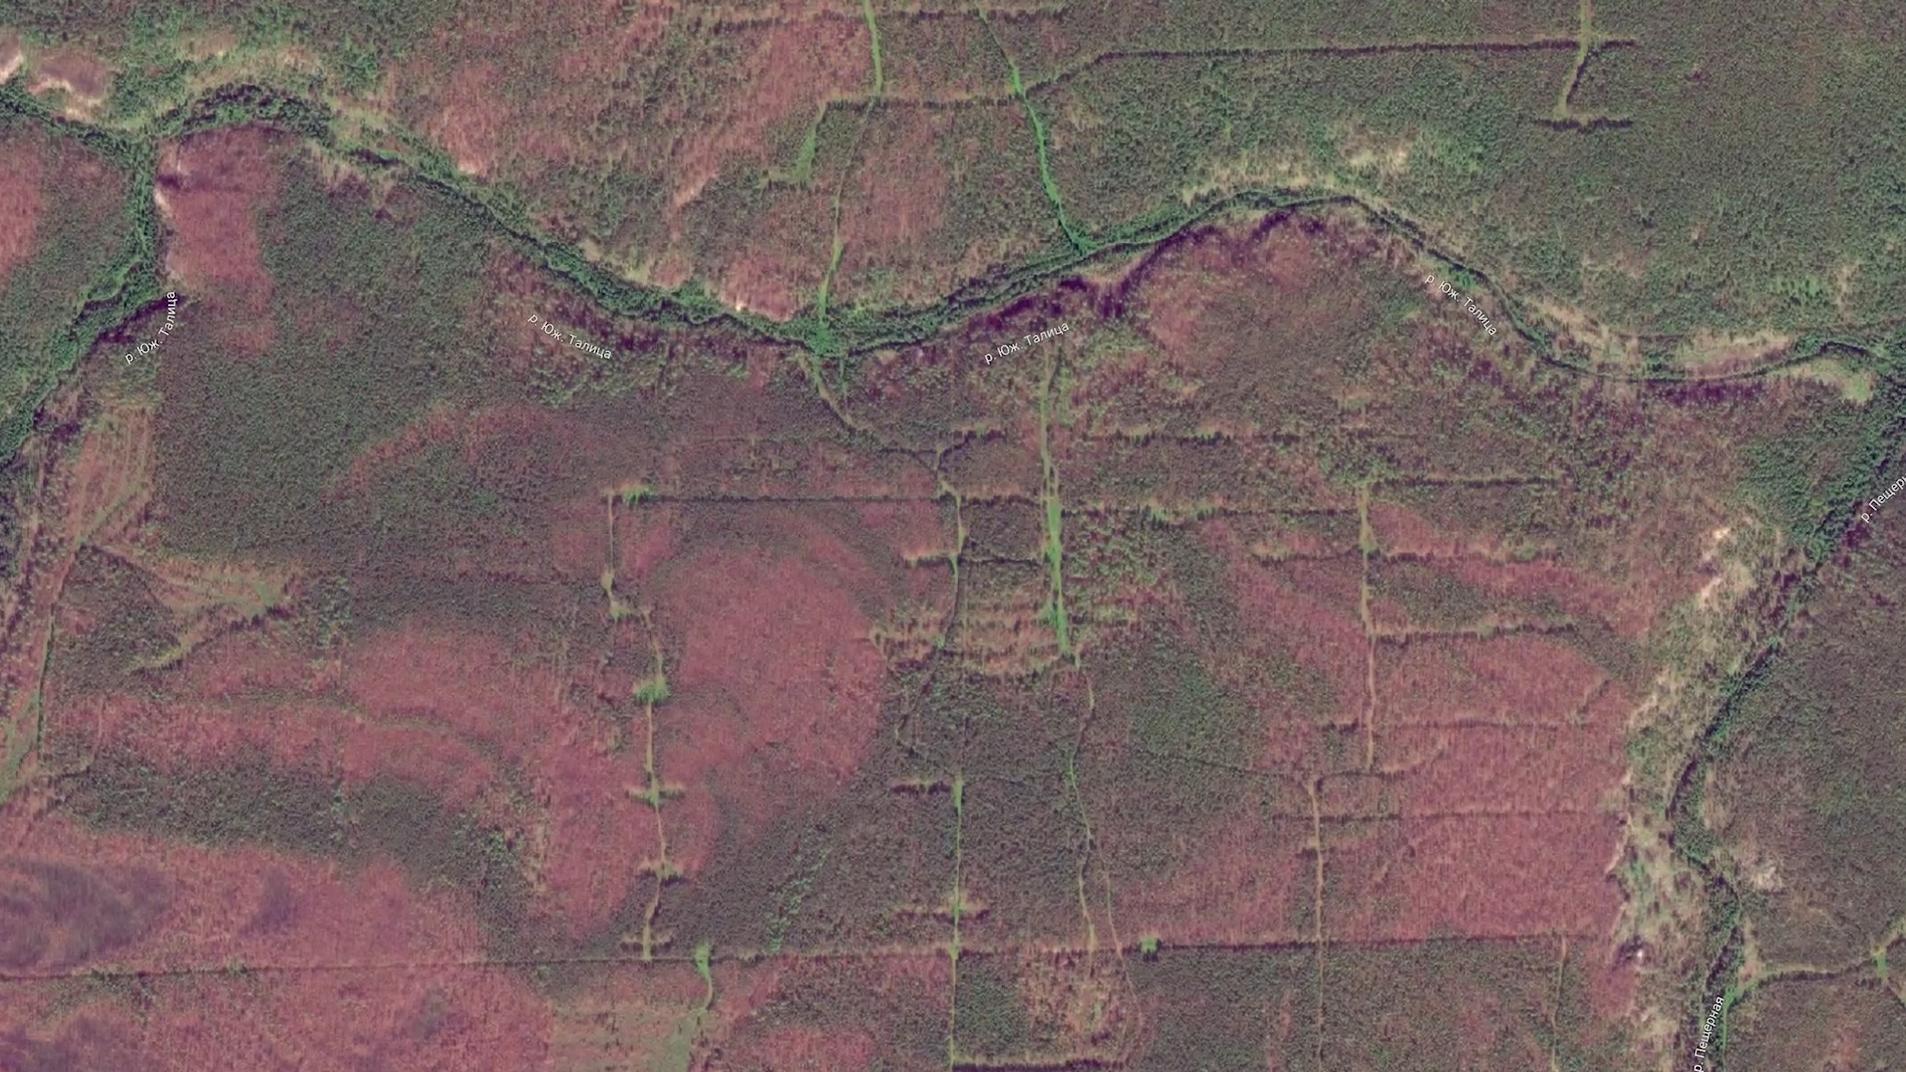 Лес сохнет на Урале вдоль рек во многих местах - даже недоступных человеку.